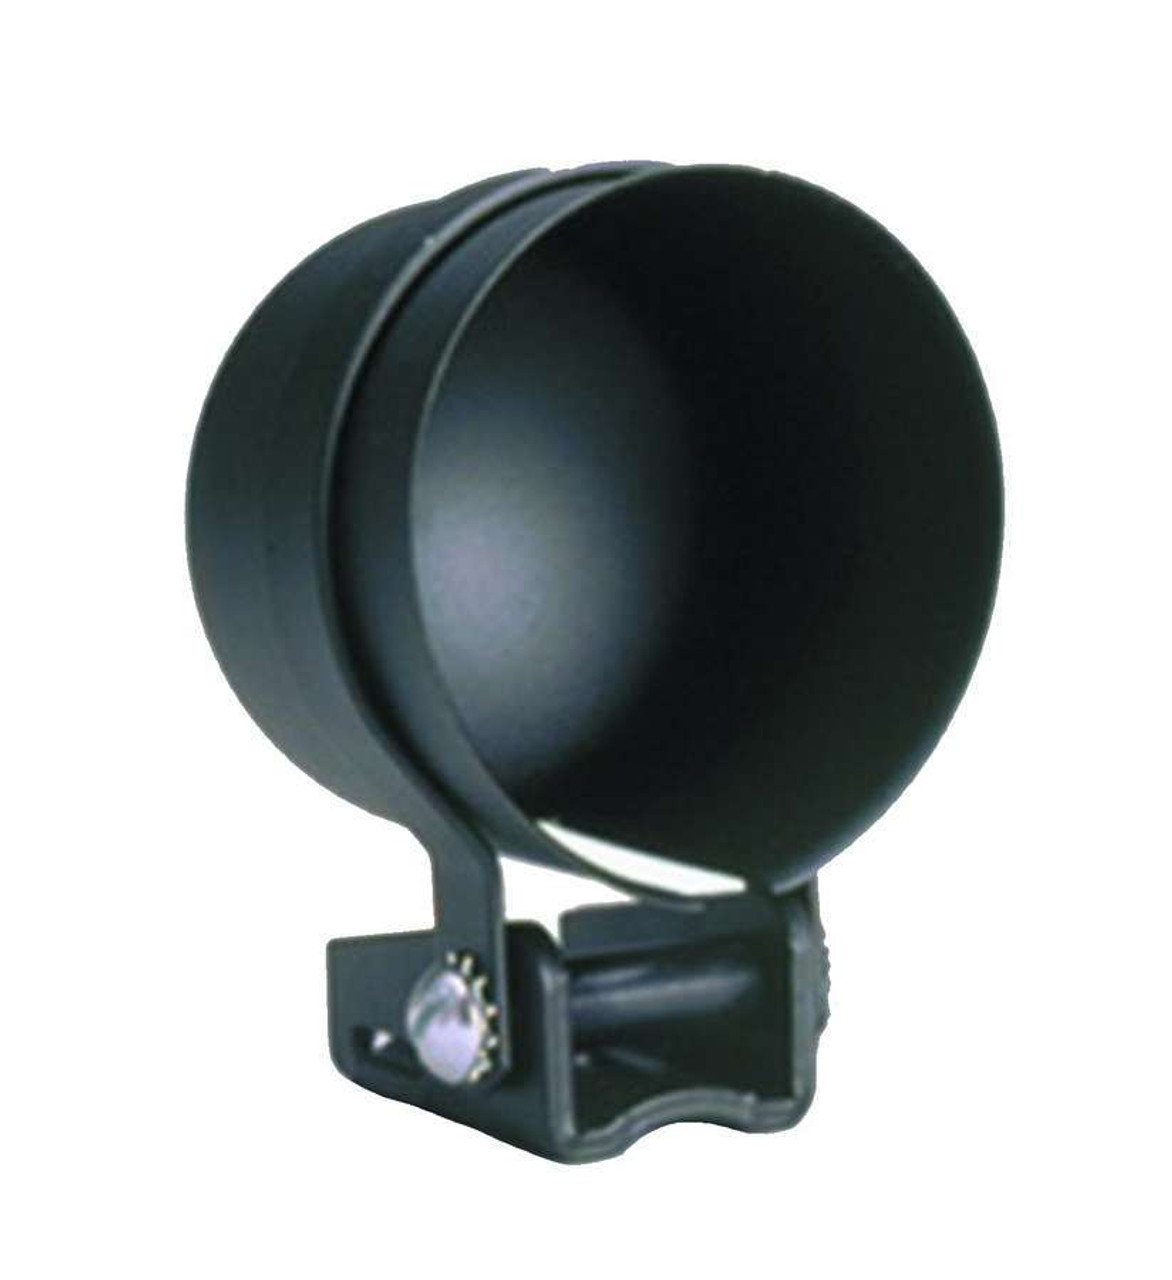 ATM3202, Gauge Cup, 2-5/8 in Diameter Gauge, Pedestal Mount, Steel, Black, Electric Gauges, Each